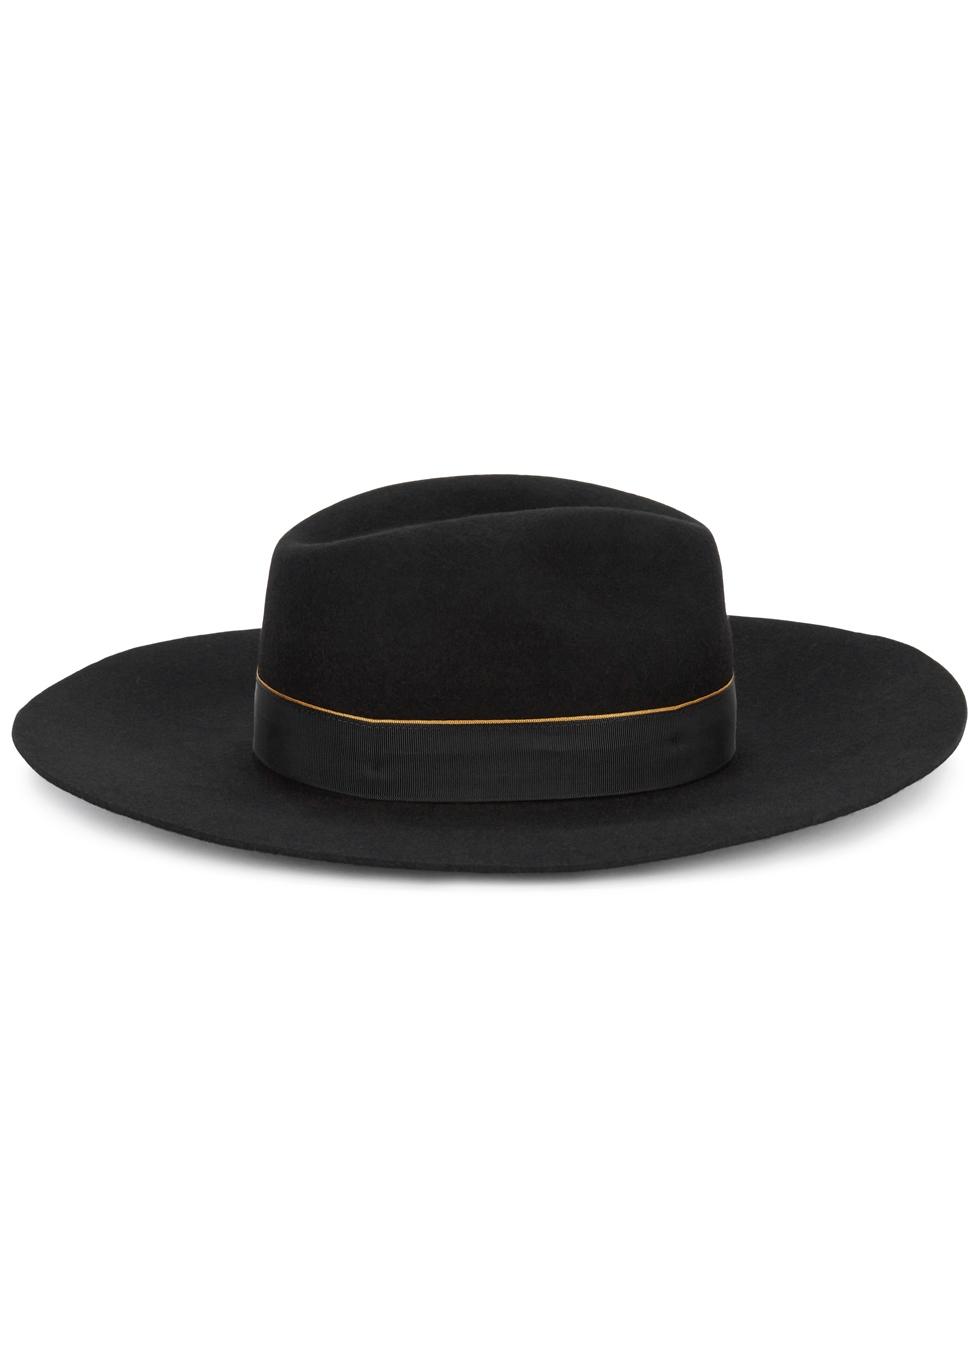 CHRISTYS' HATS Wimslow Black Wool Felt Hat